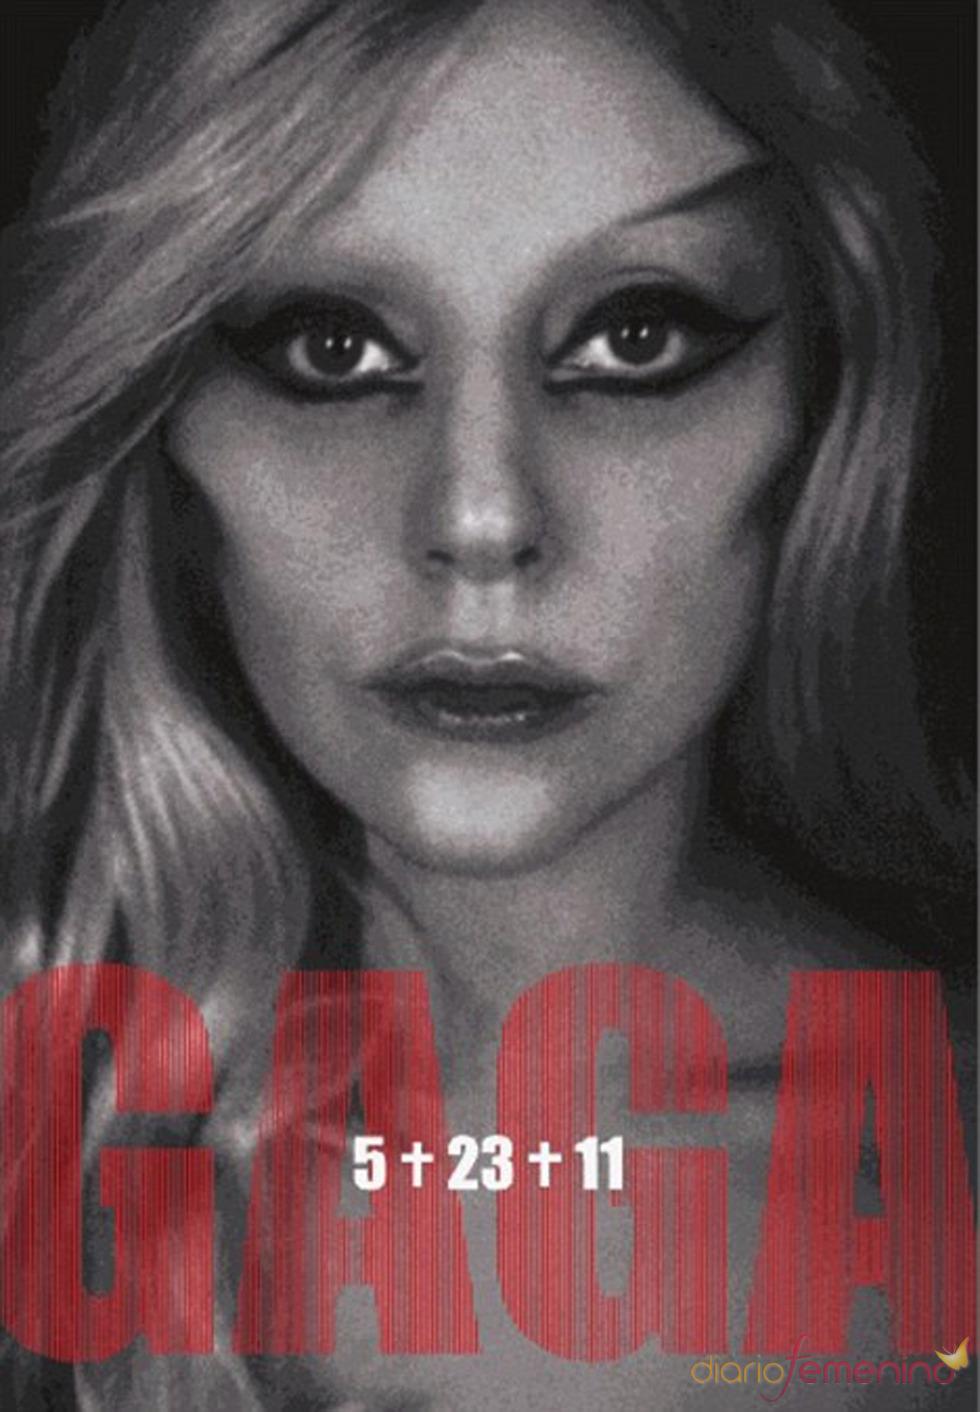 Una foto de Lady Gaga promocionando 'Born this way'